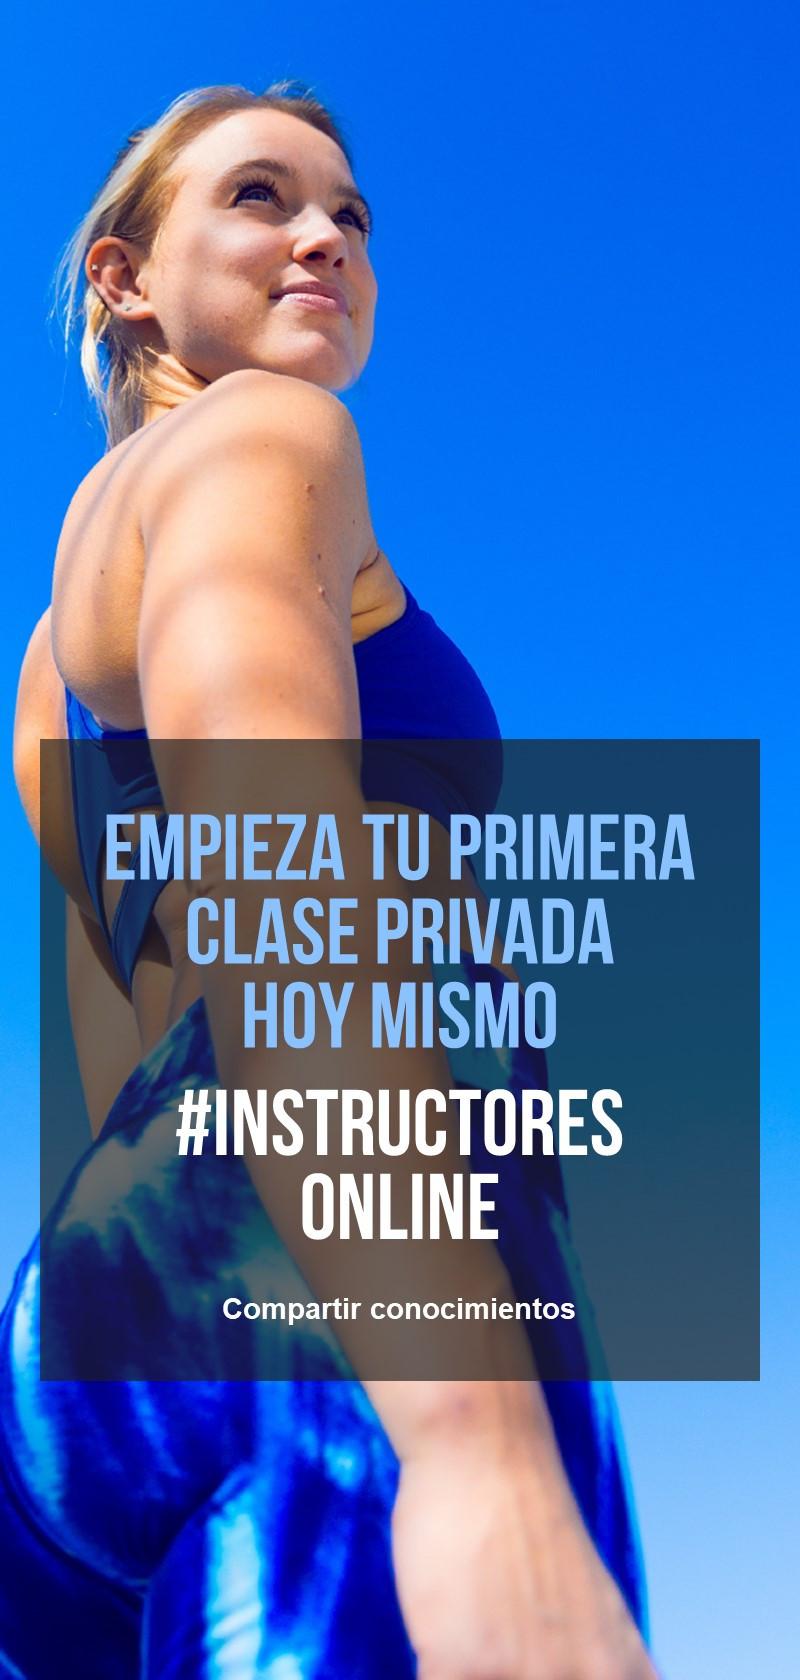 Instructores de Entrenamiento online